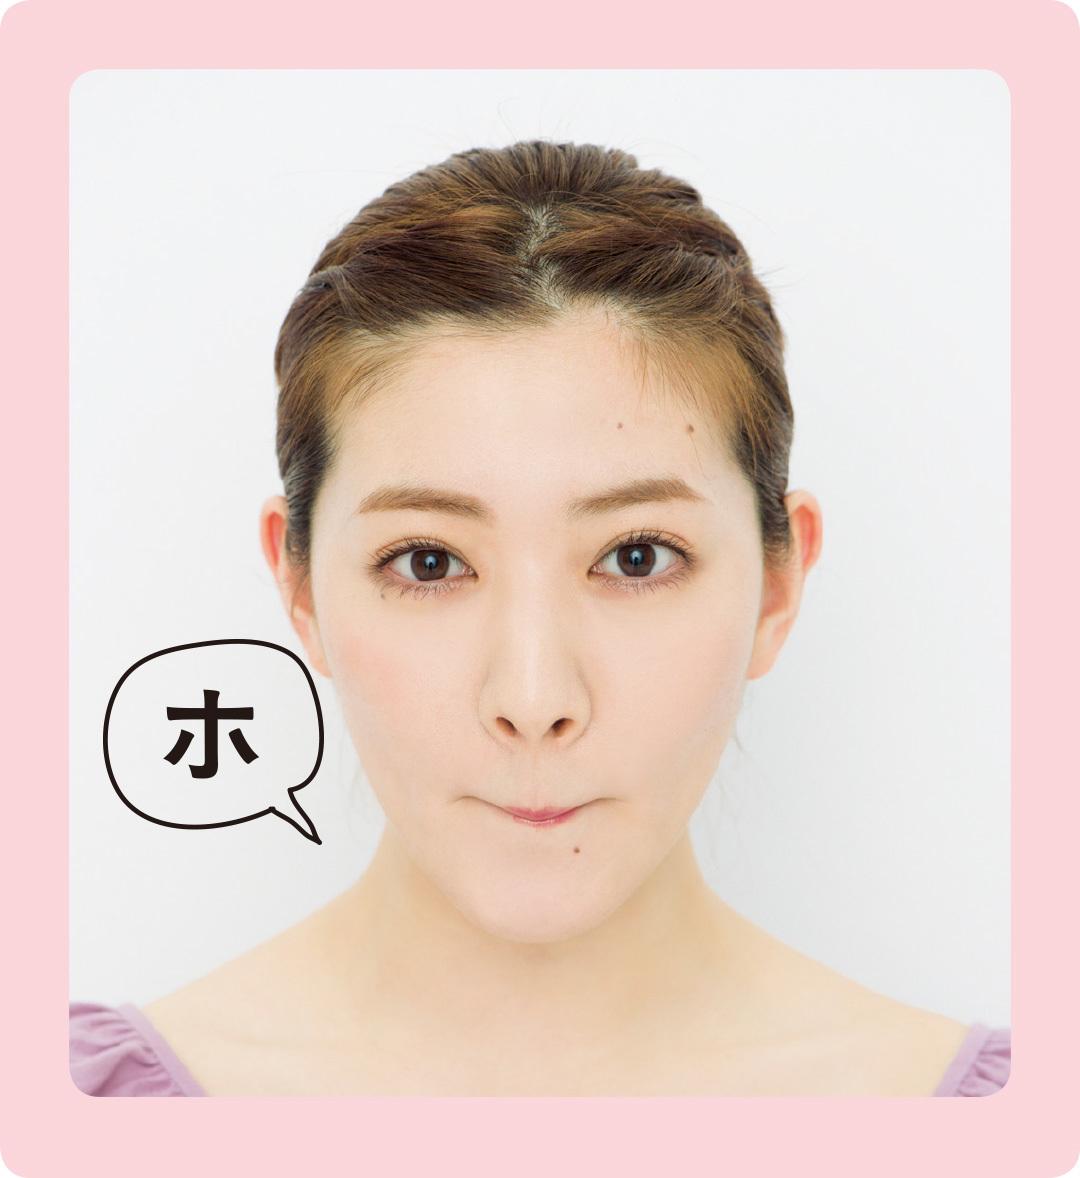 丸顔でほっぺがパンパン…大反響のくちびる締めで顔矯正エクササイズで解消!_1_2